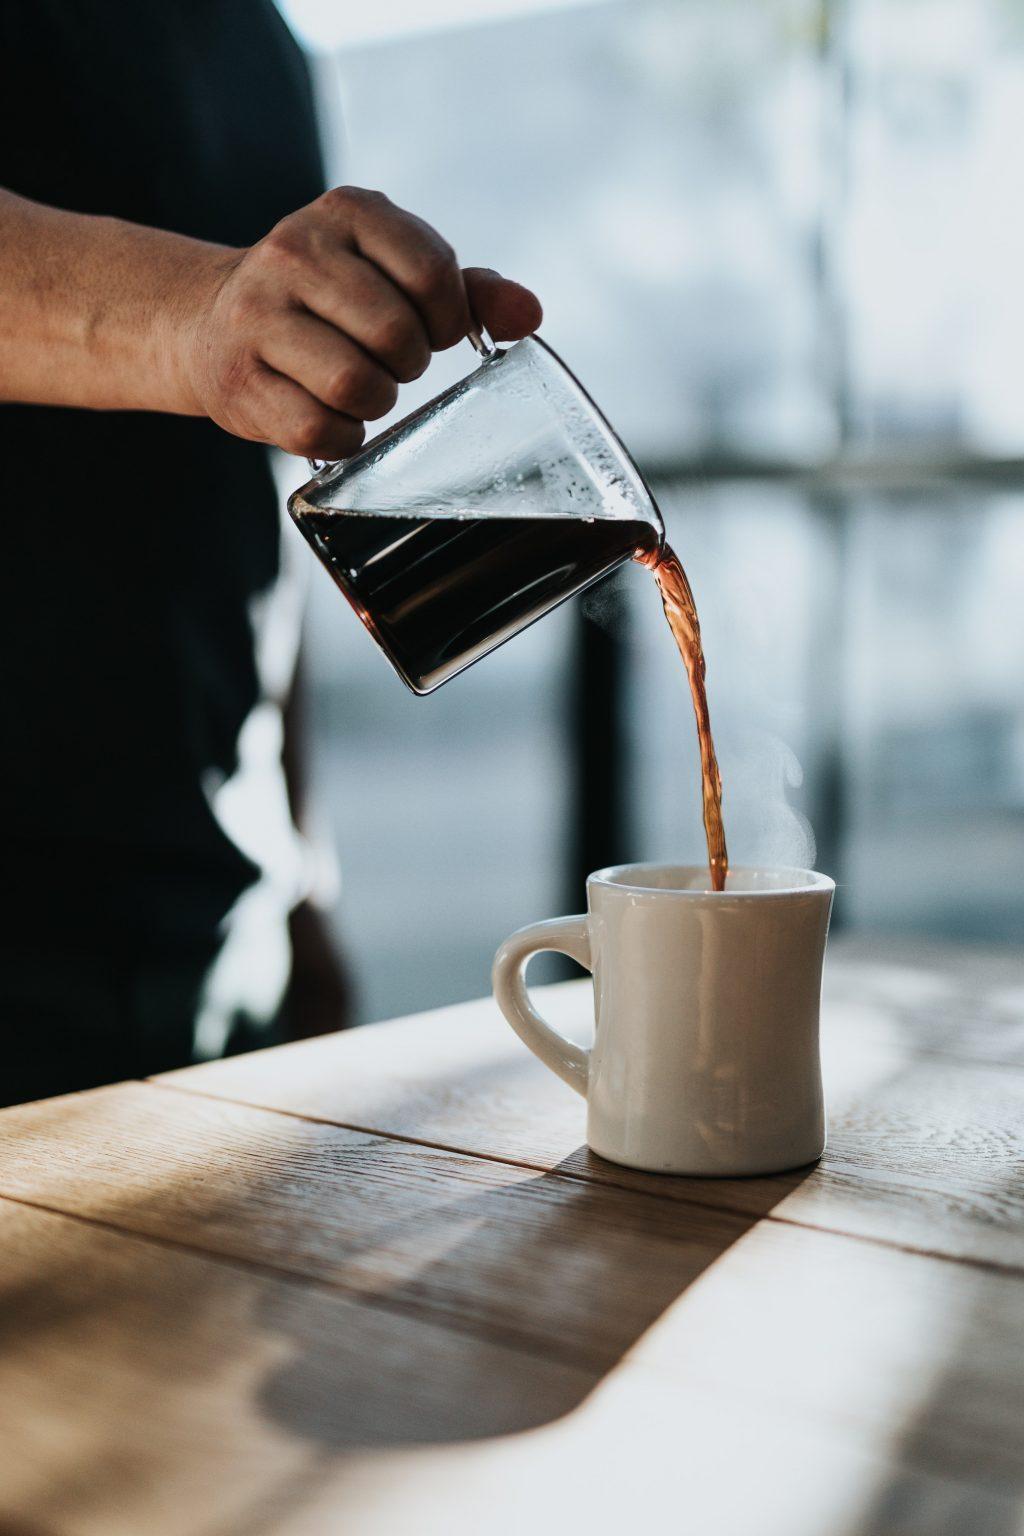 uống nhiều cà phê không tốt cho sức khoẻ